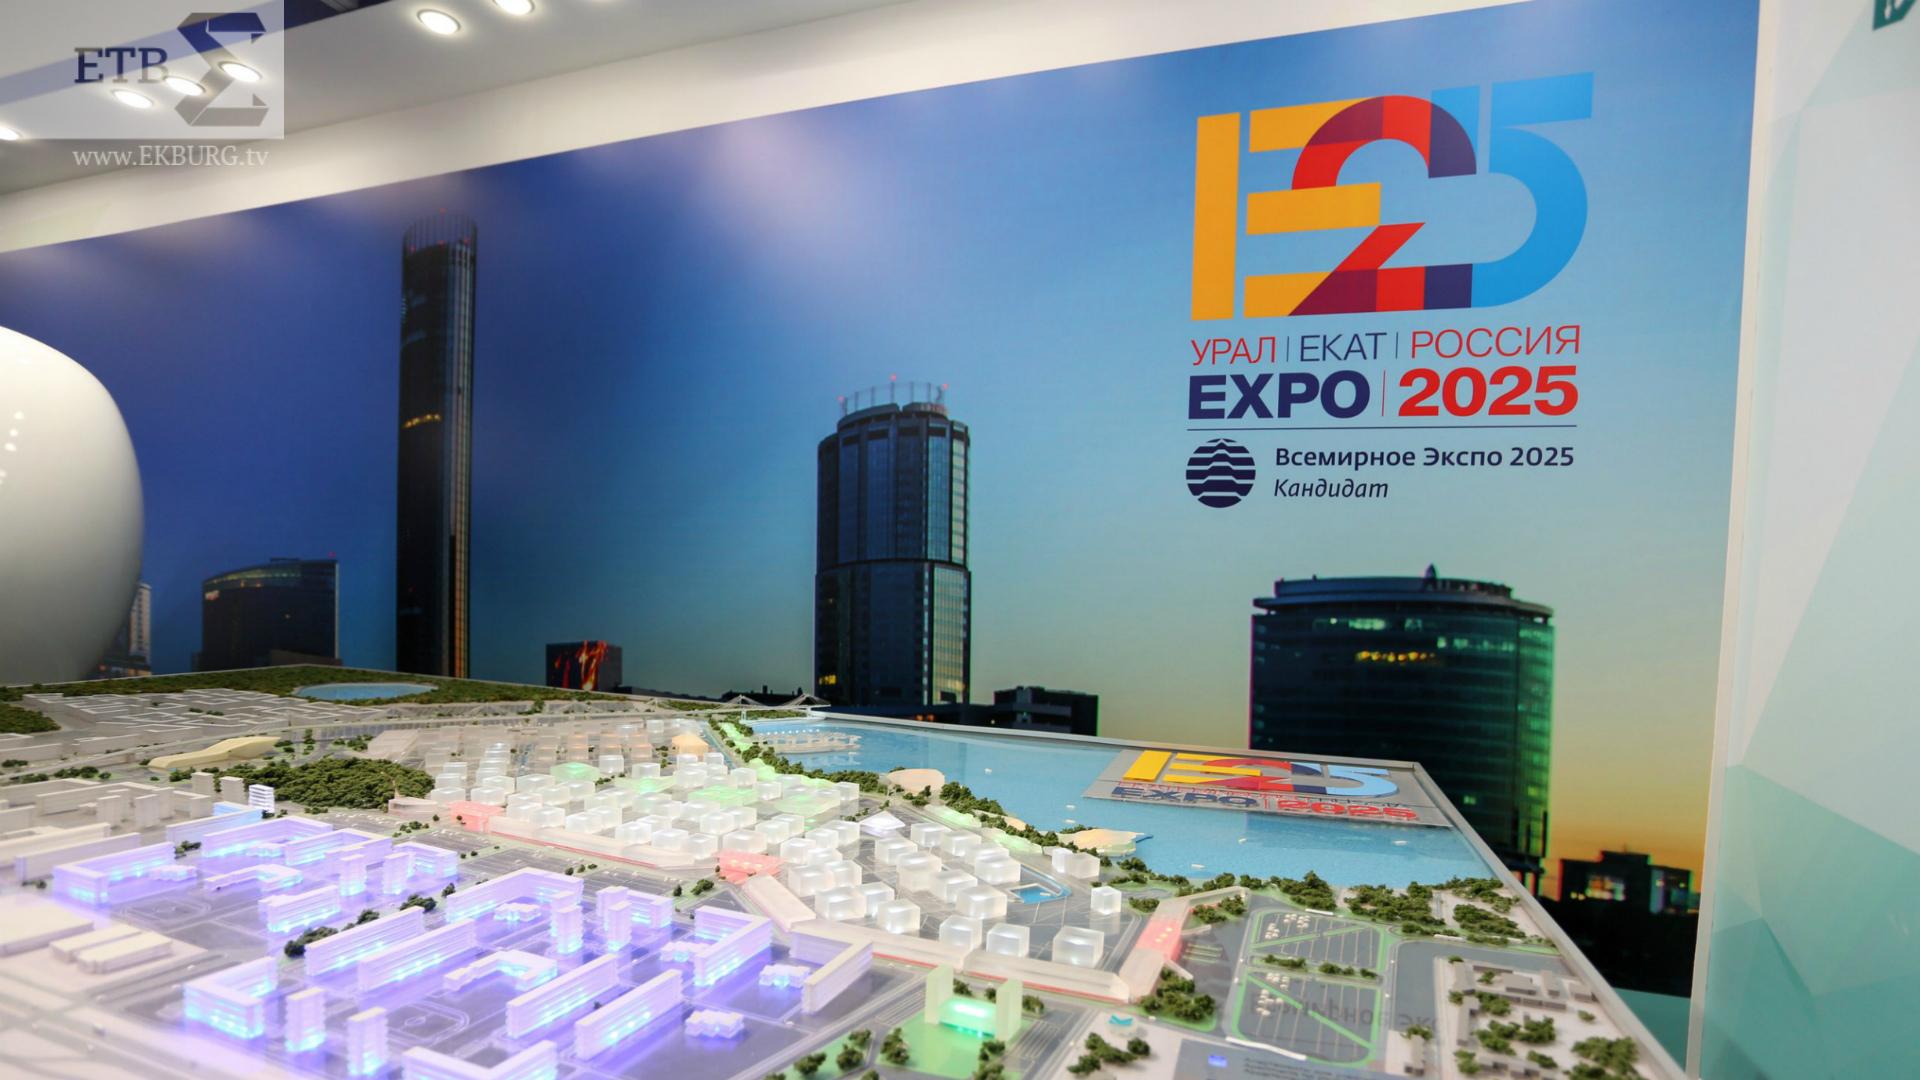 В Кремле подержали конкурс проектов для ЭКСПО 2025 в Екатеринбурге